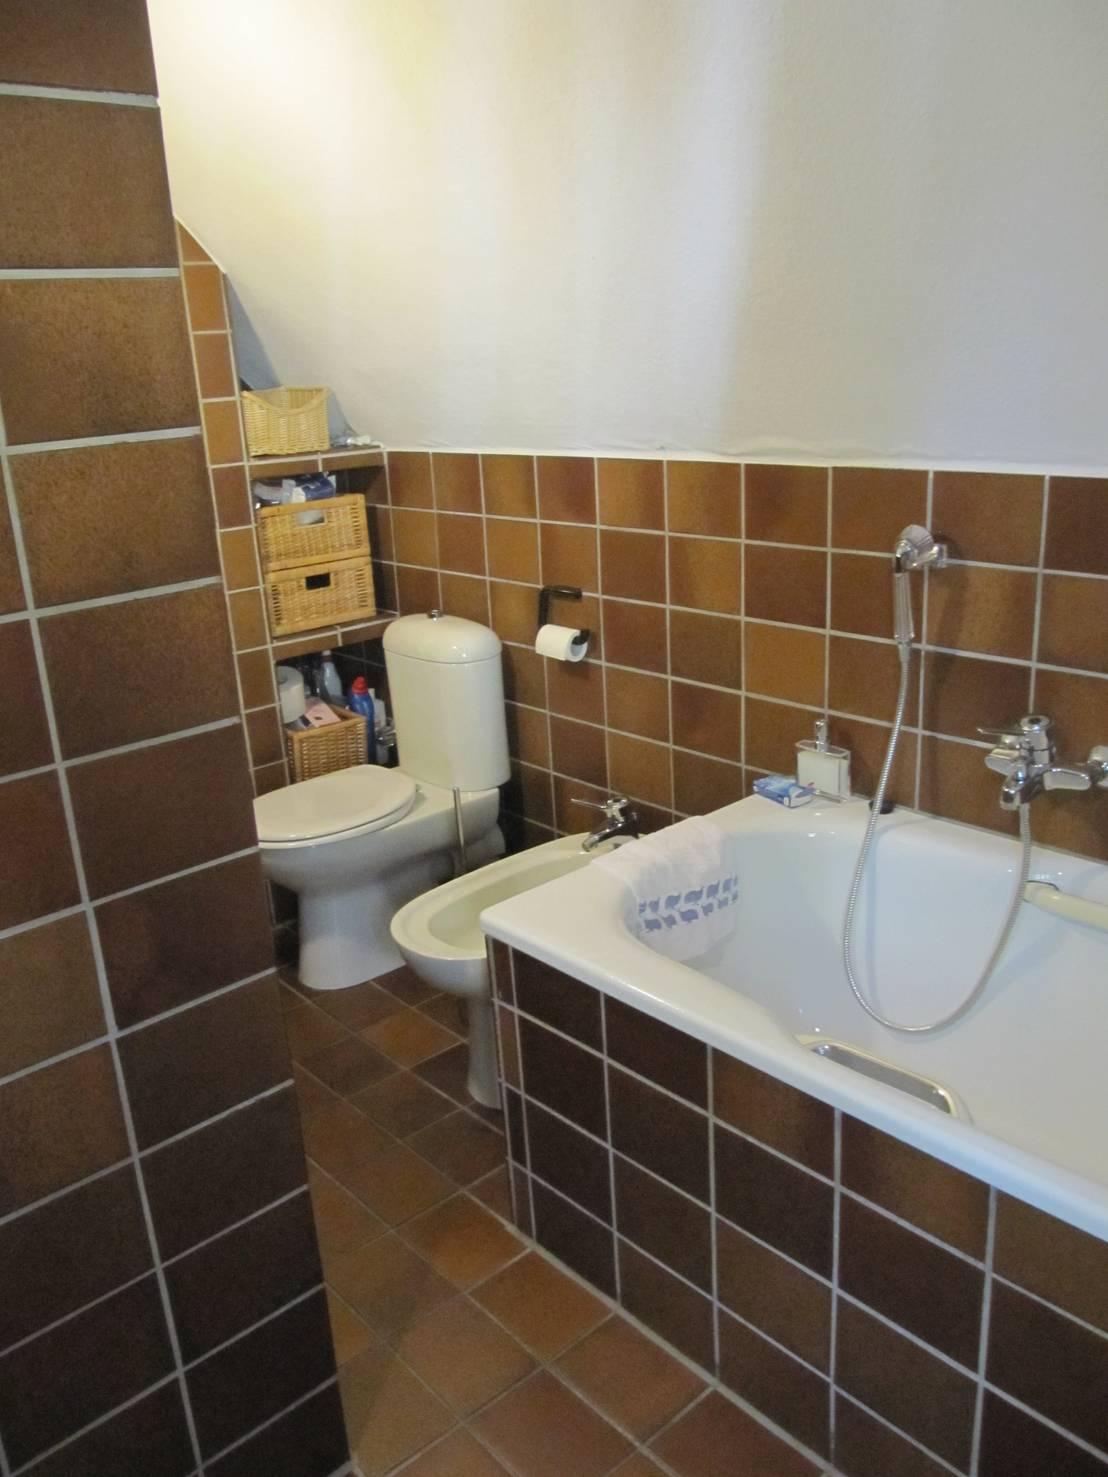 Prima e dopo: la ristrutturazione di un bagno senza speranze